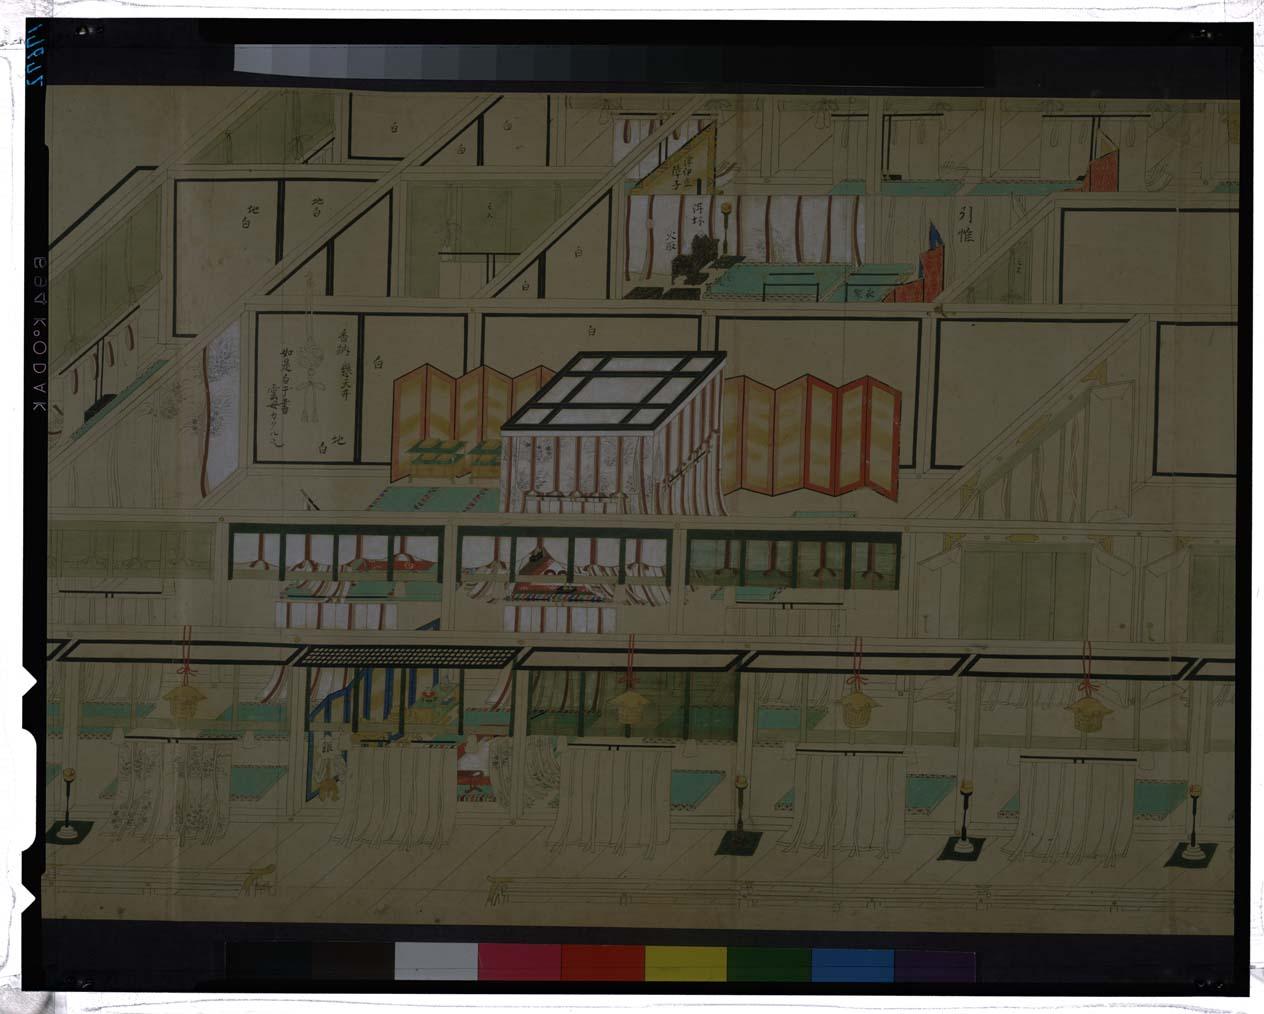 C0017672 類聚雑要抄_巻2宝禮指図 - 東京国立博物館 画像検索